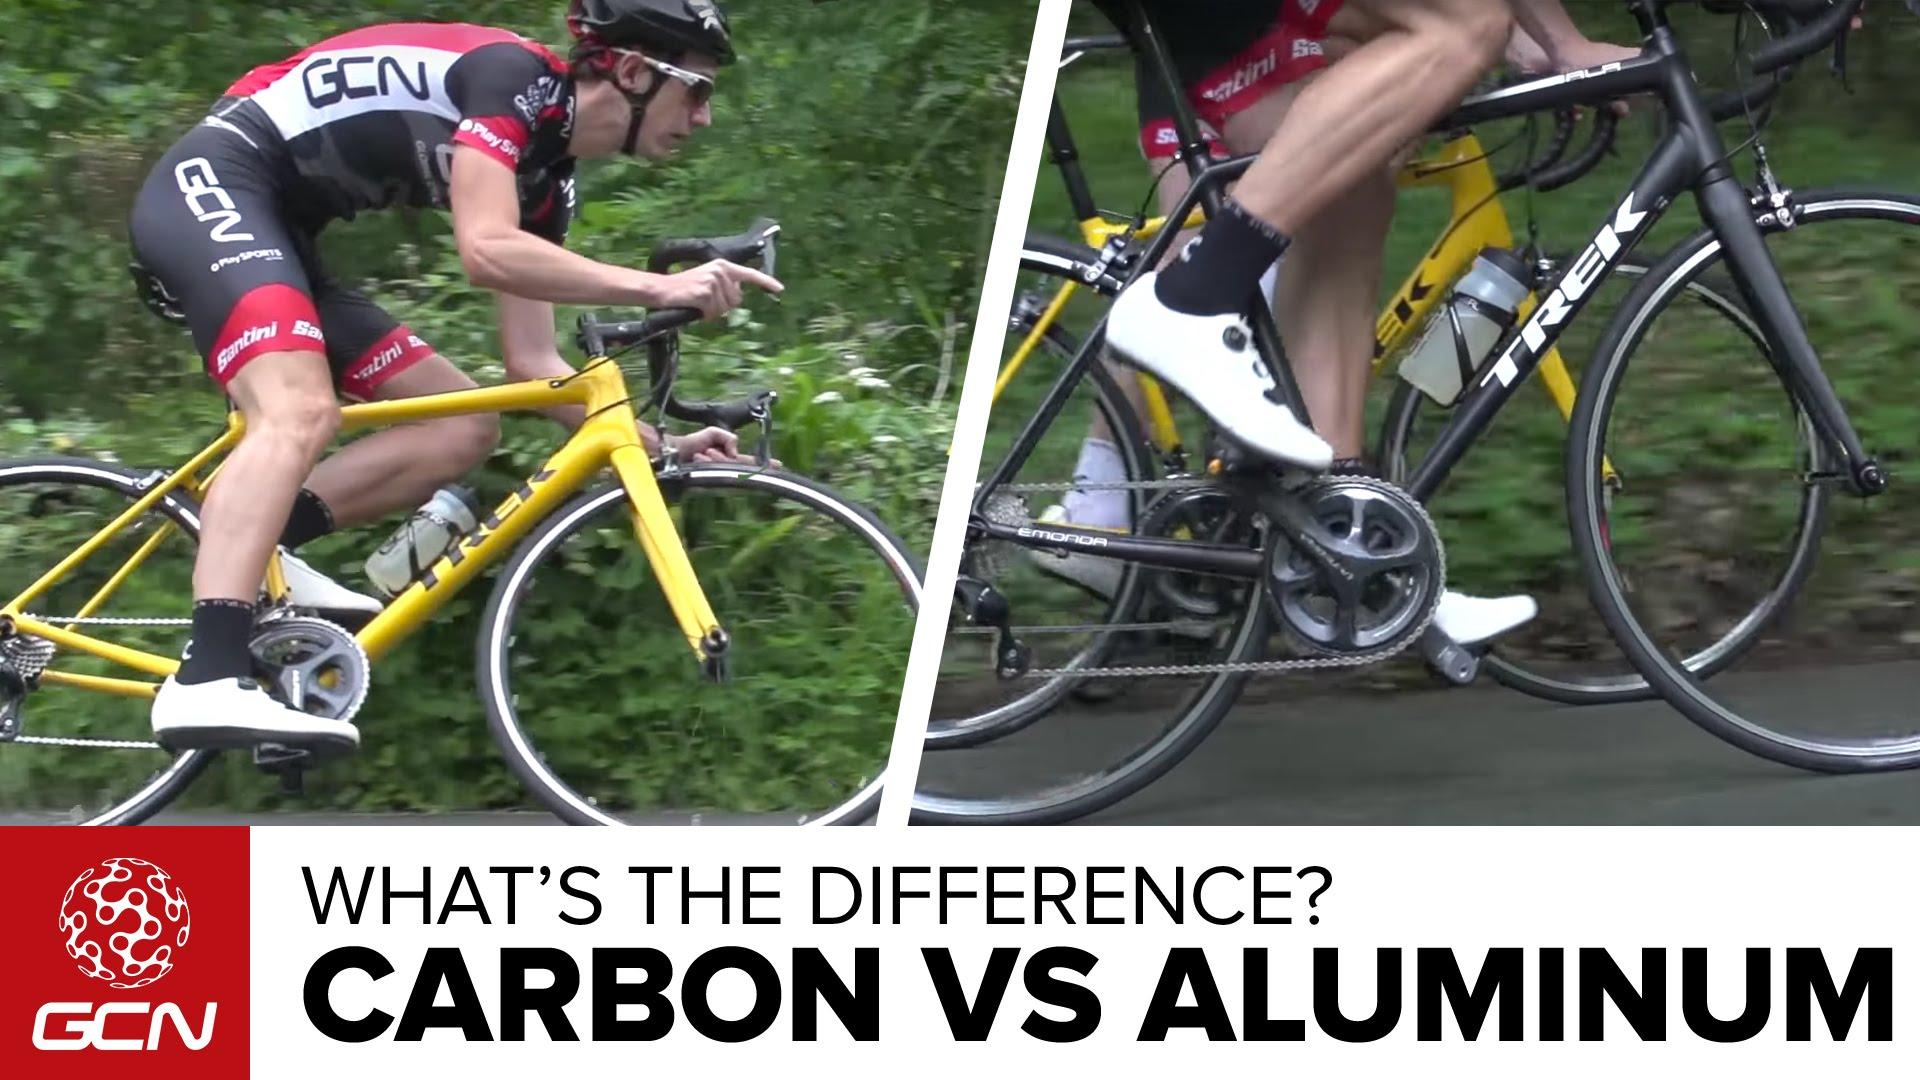 Ανθρακόνημα ή αλουμίνιο - Ποιά η διαφορά στο δρόμο;